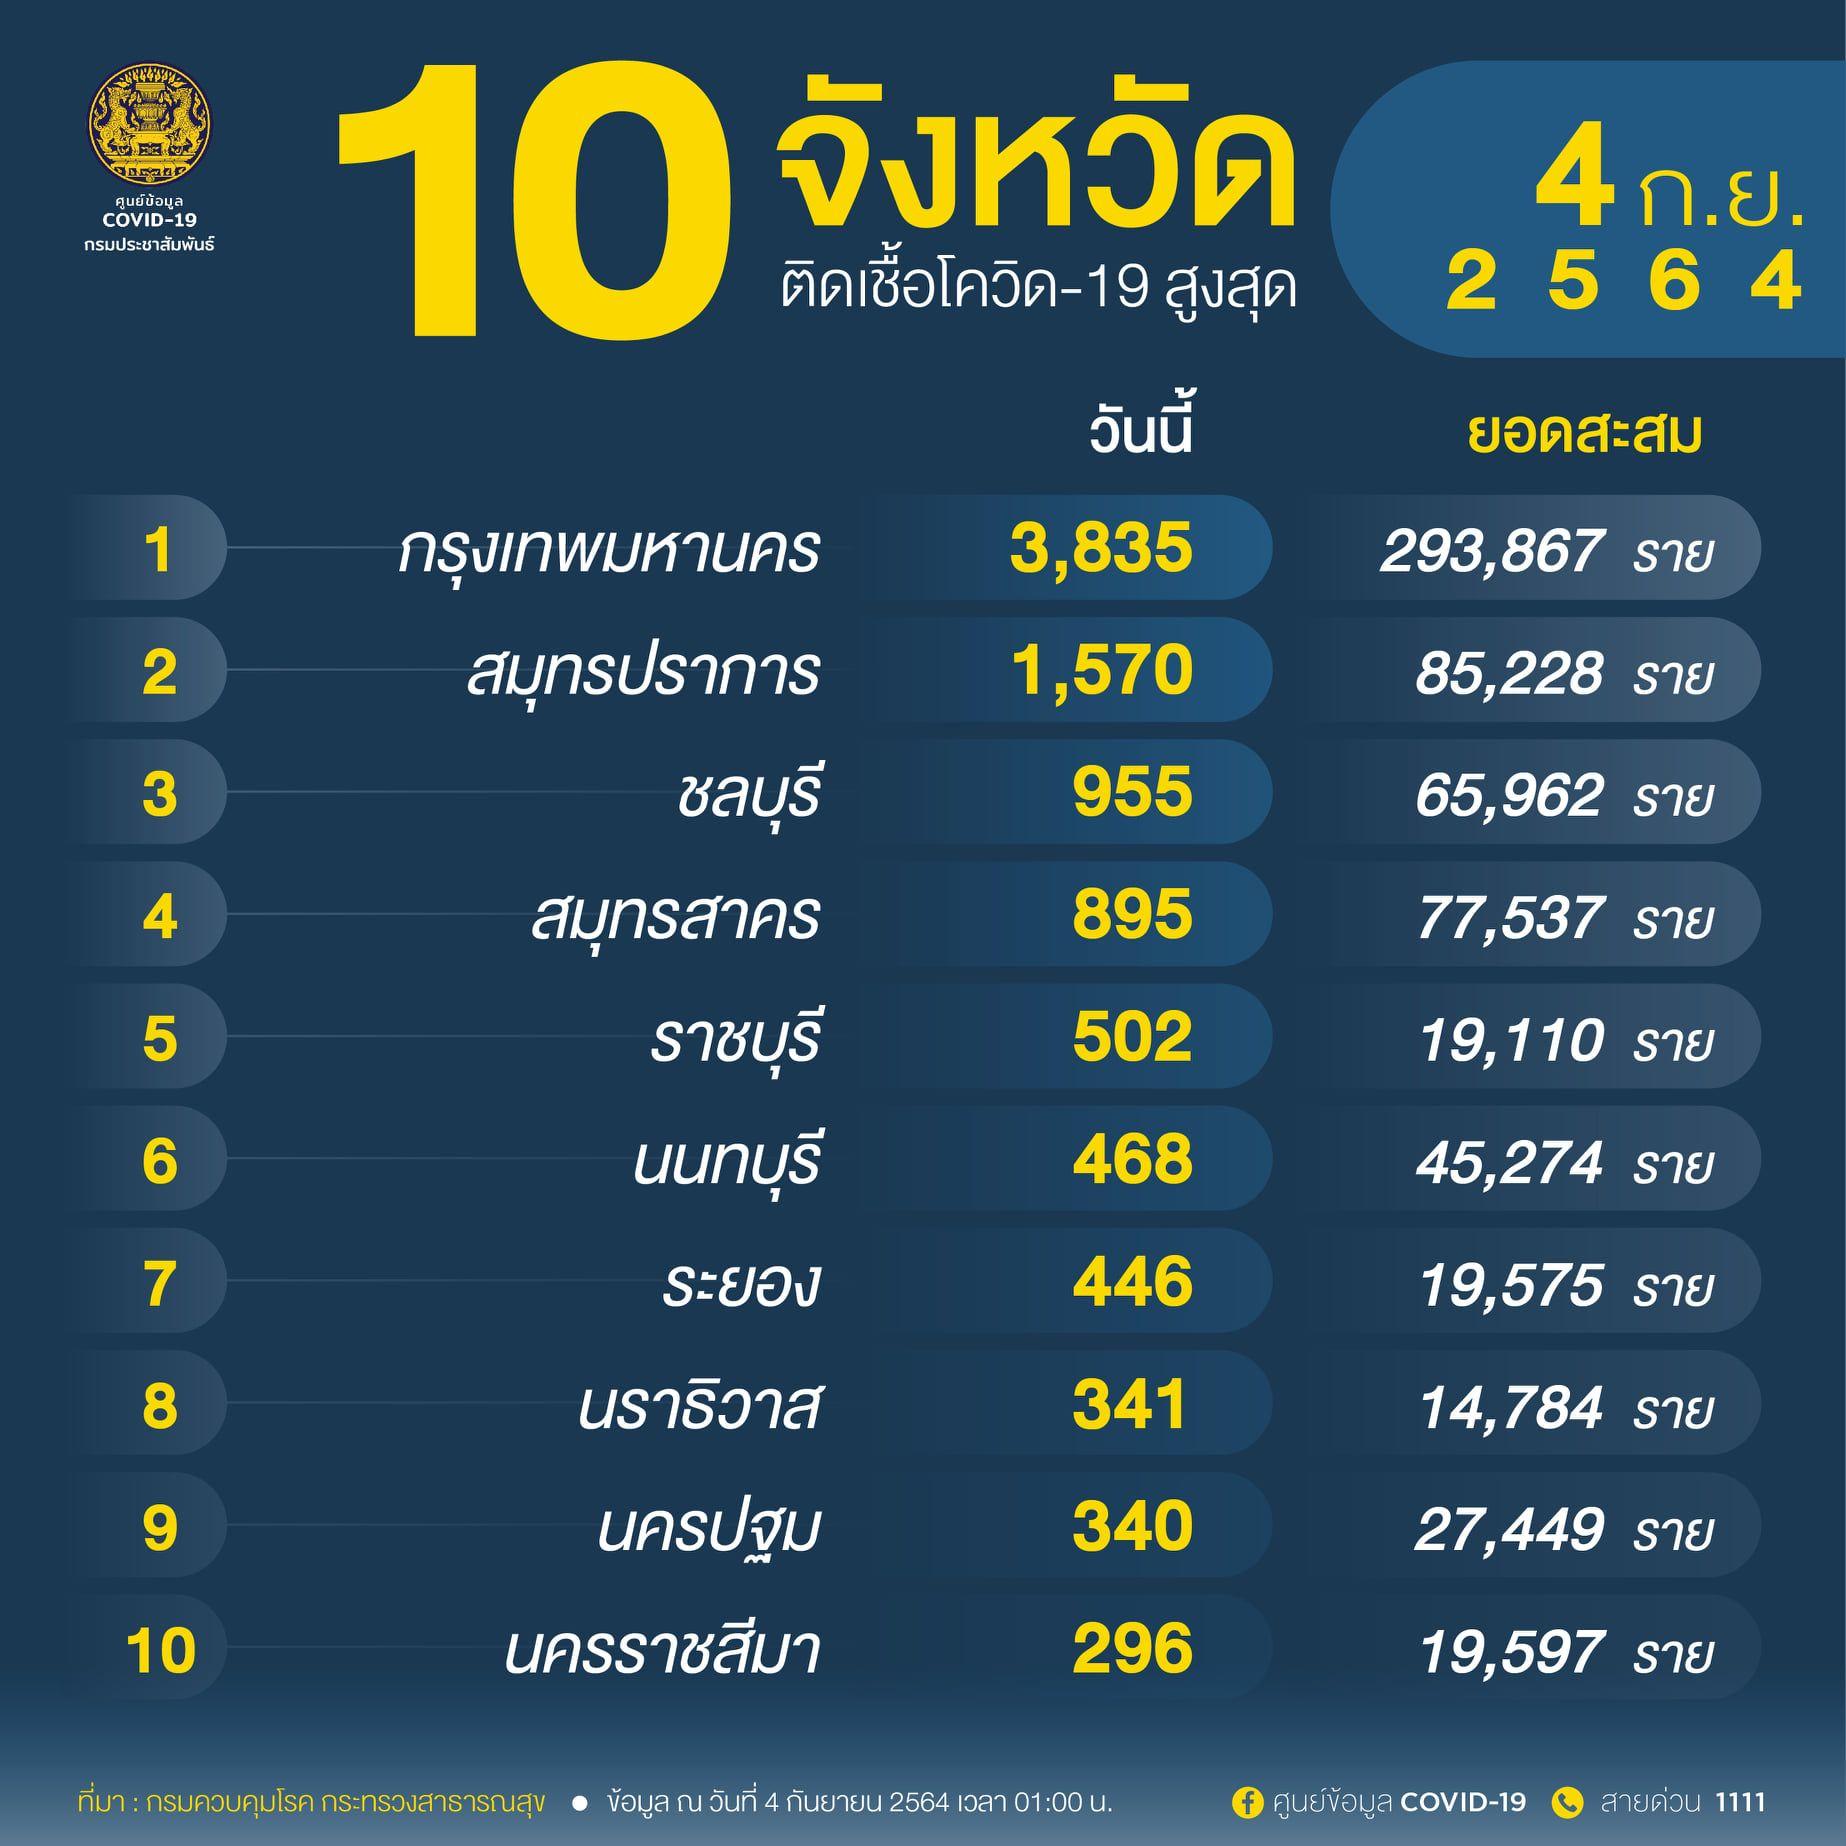 อัพเดท 'โควิดวันนี้' 10 จังหวัดติดเชื้อสูงสุด กทม. 3,835 จับตาสมุทรปราการ  ราชบุรี